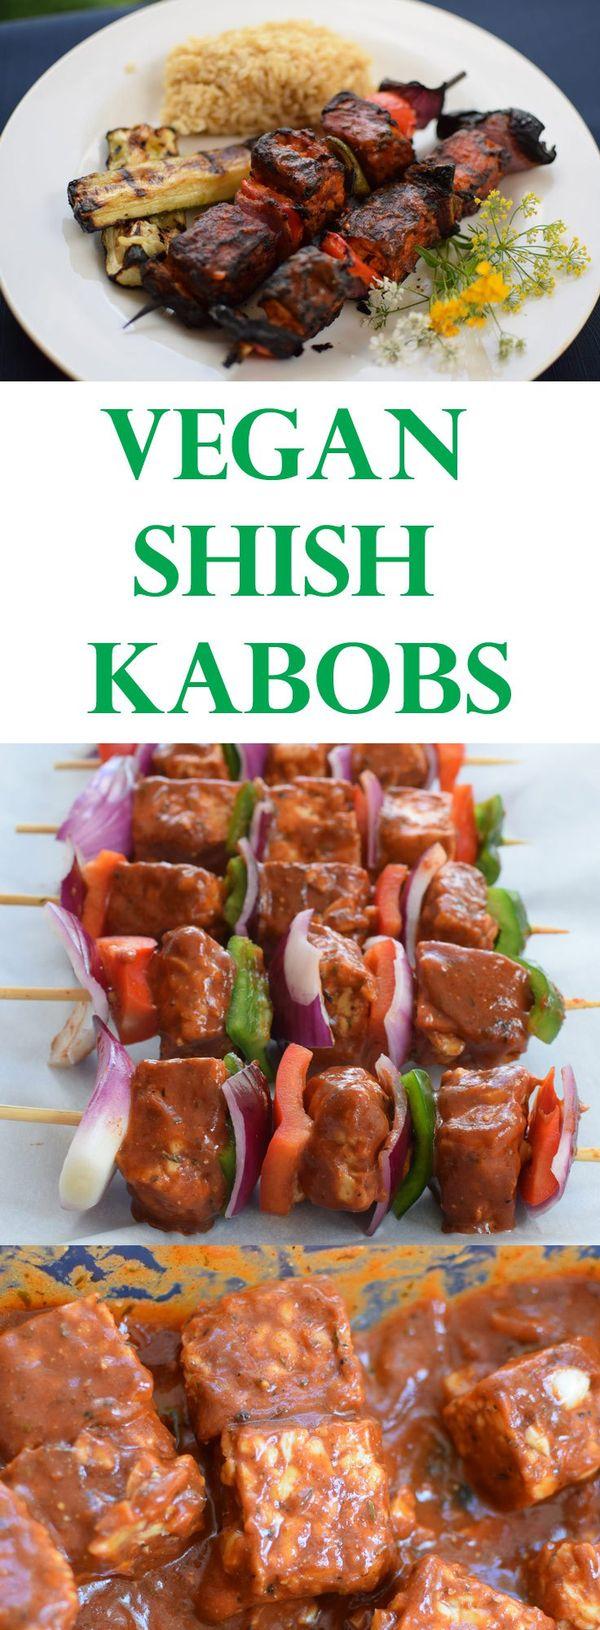 Vegan Shish Kabobs - Lebanese Shish Taouk